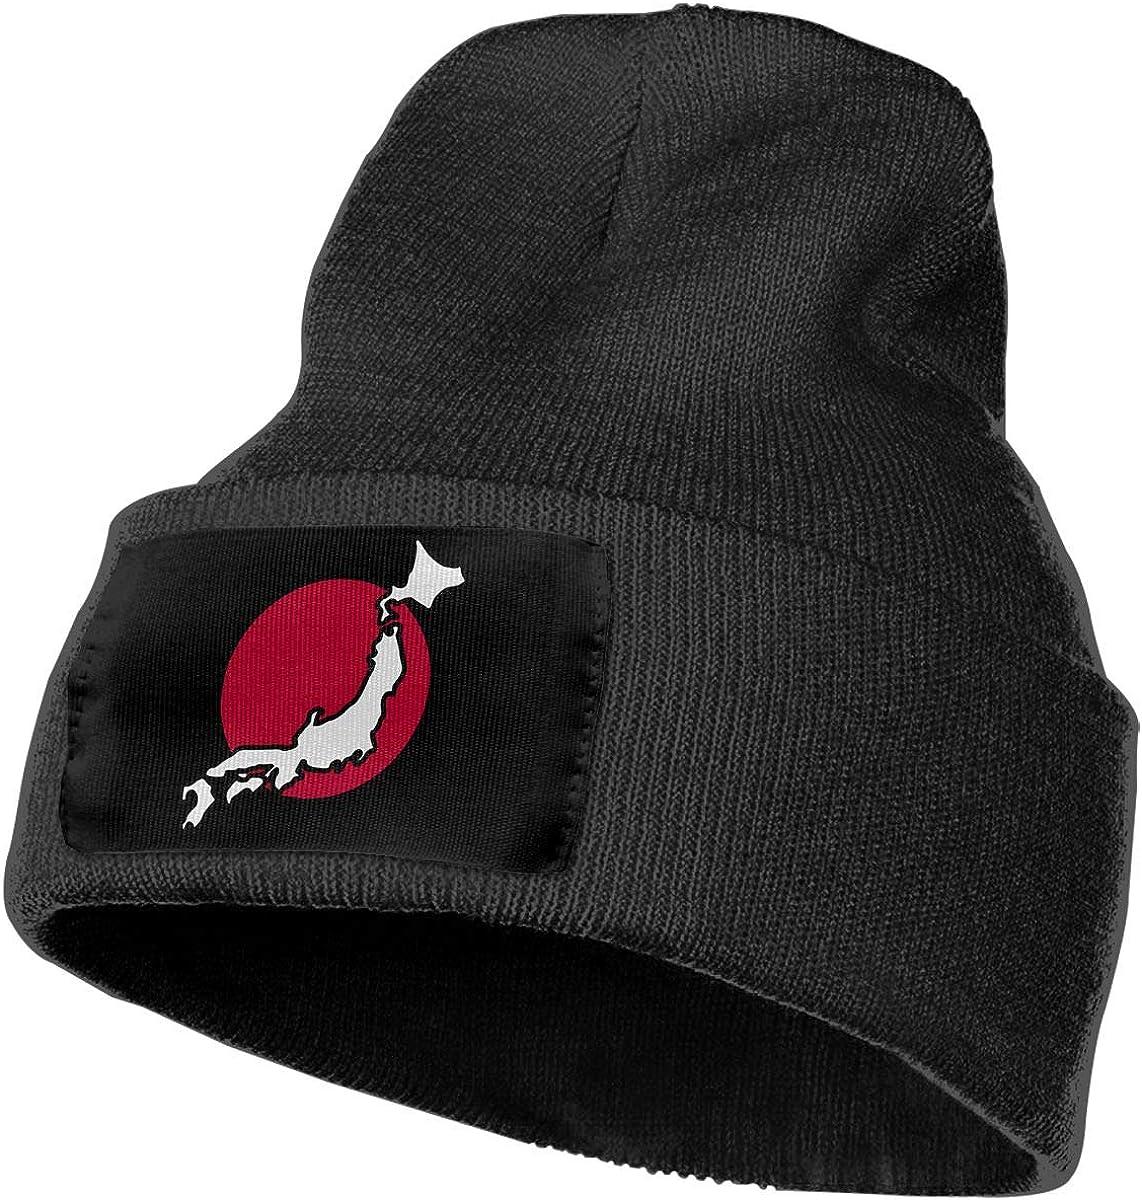 Japan Flag Map DFKD JKFD Unisex 3D Knitted Hat Skull Hat Beanie Cap